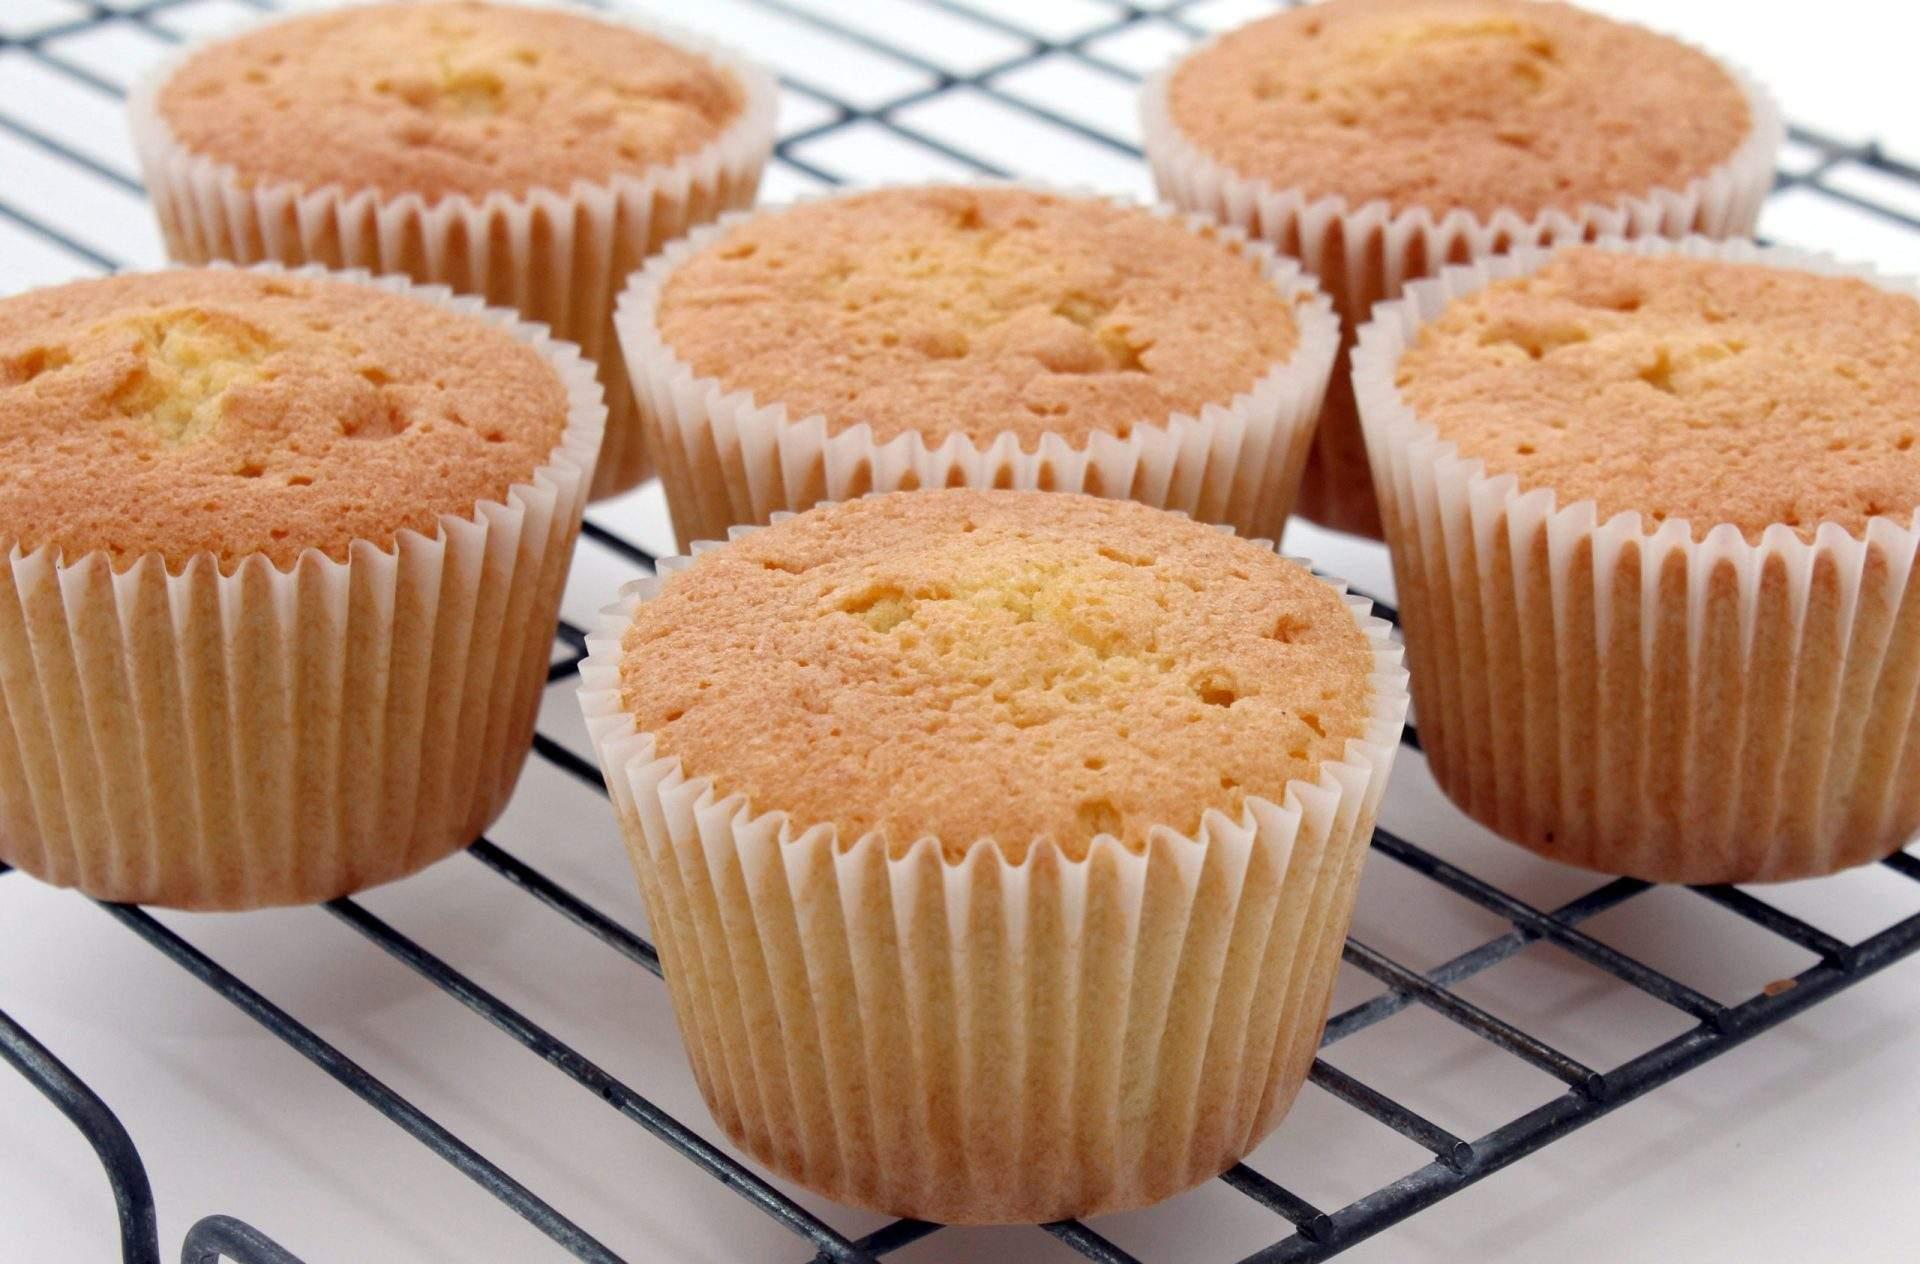 Receta básica de magdalenas Esta receta básica de cupcakes sale perfectamente cada vez; hace 24 cupcakes, ¡y es una de nuestras recetas de cupcakes más populares! Decora como quieras